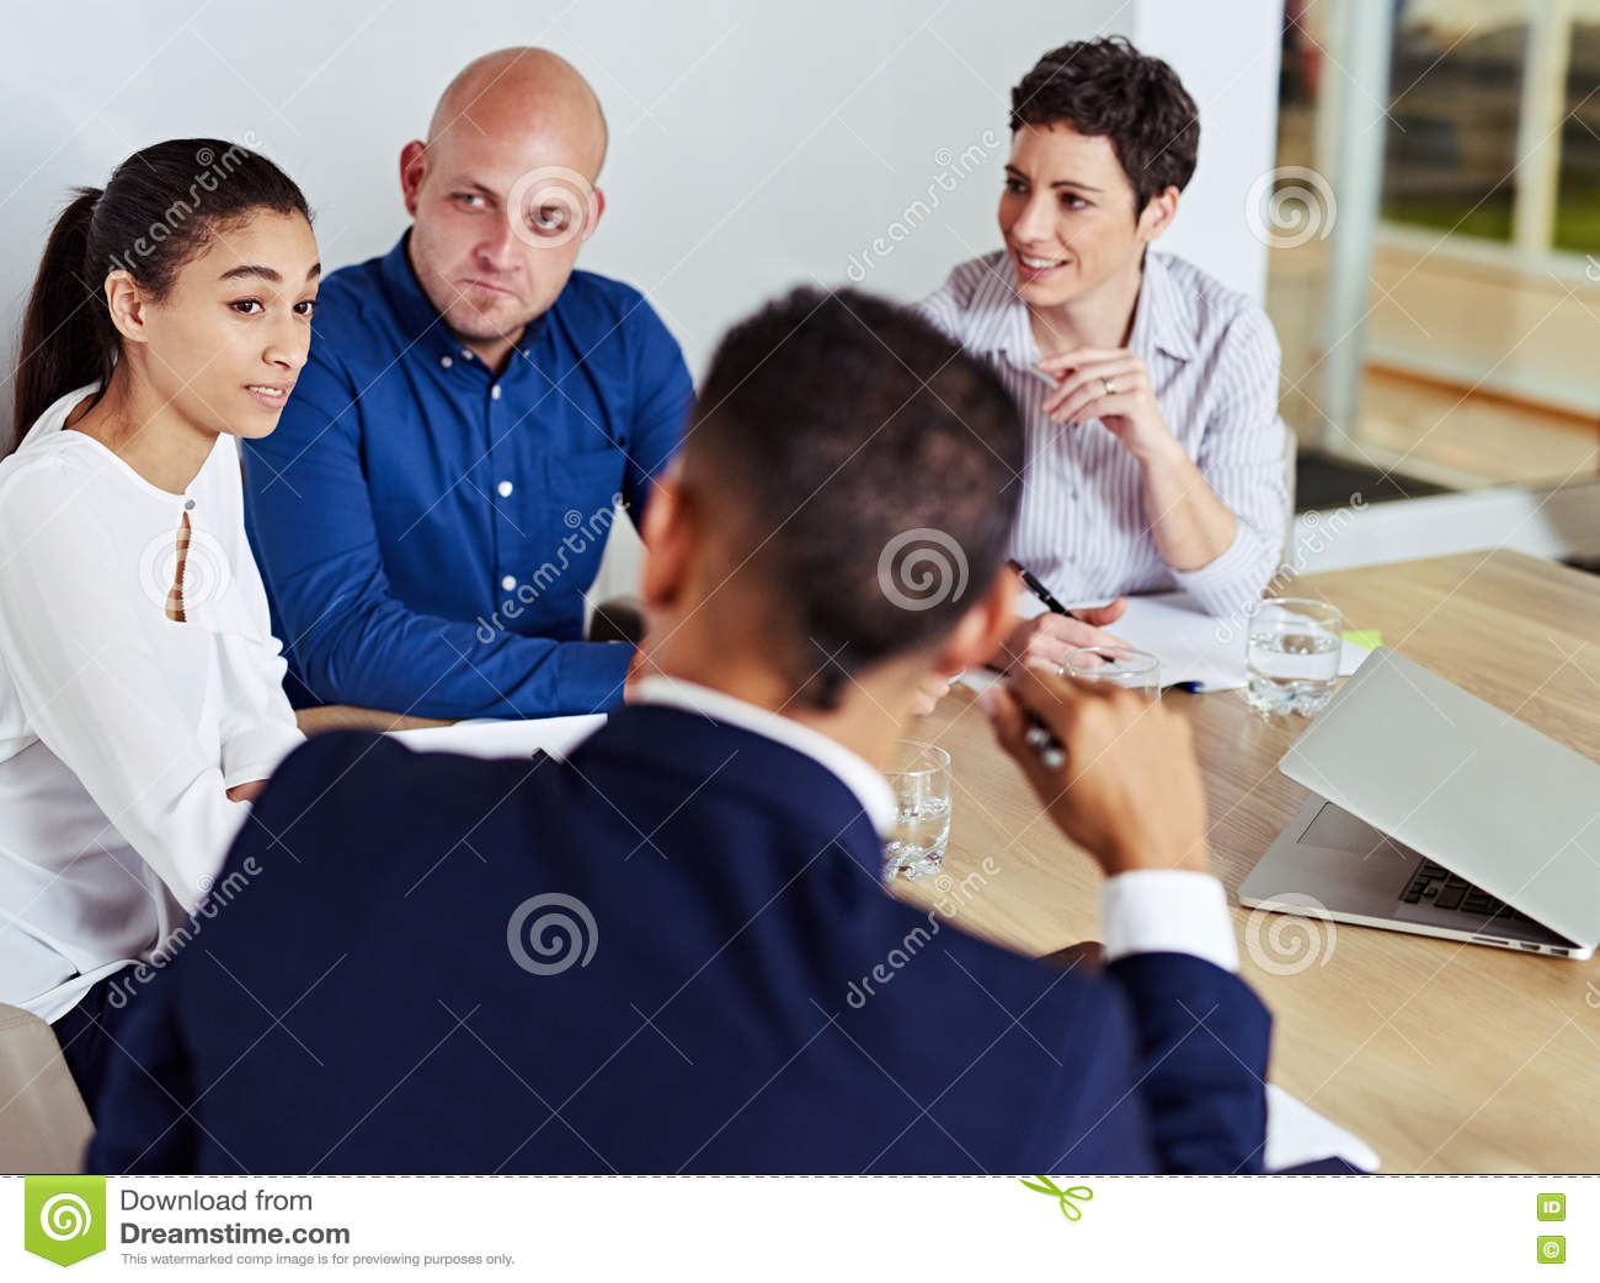 Geschäftsleute beschäftigt, eine Sitzung zusammen in der Chefetage habend